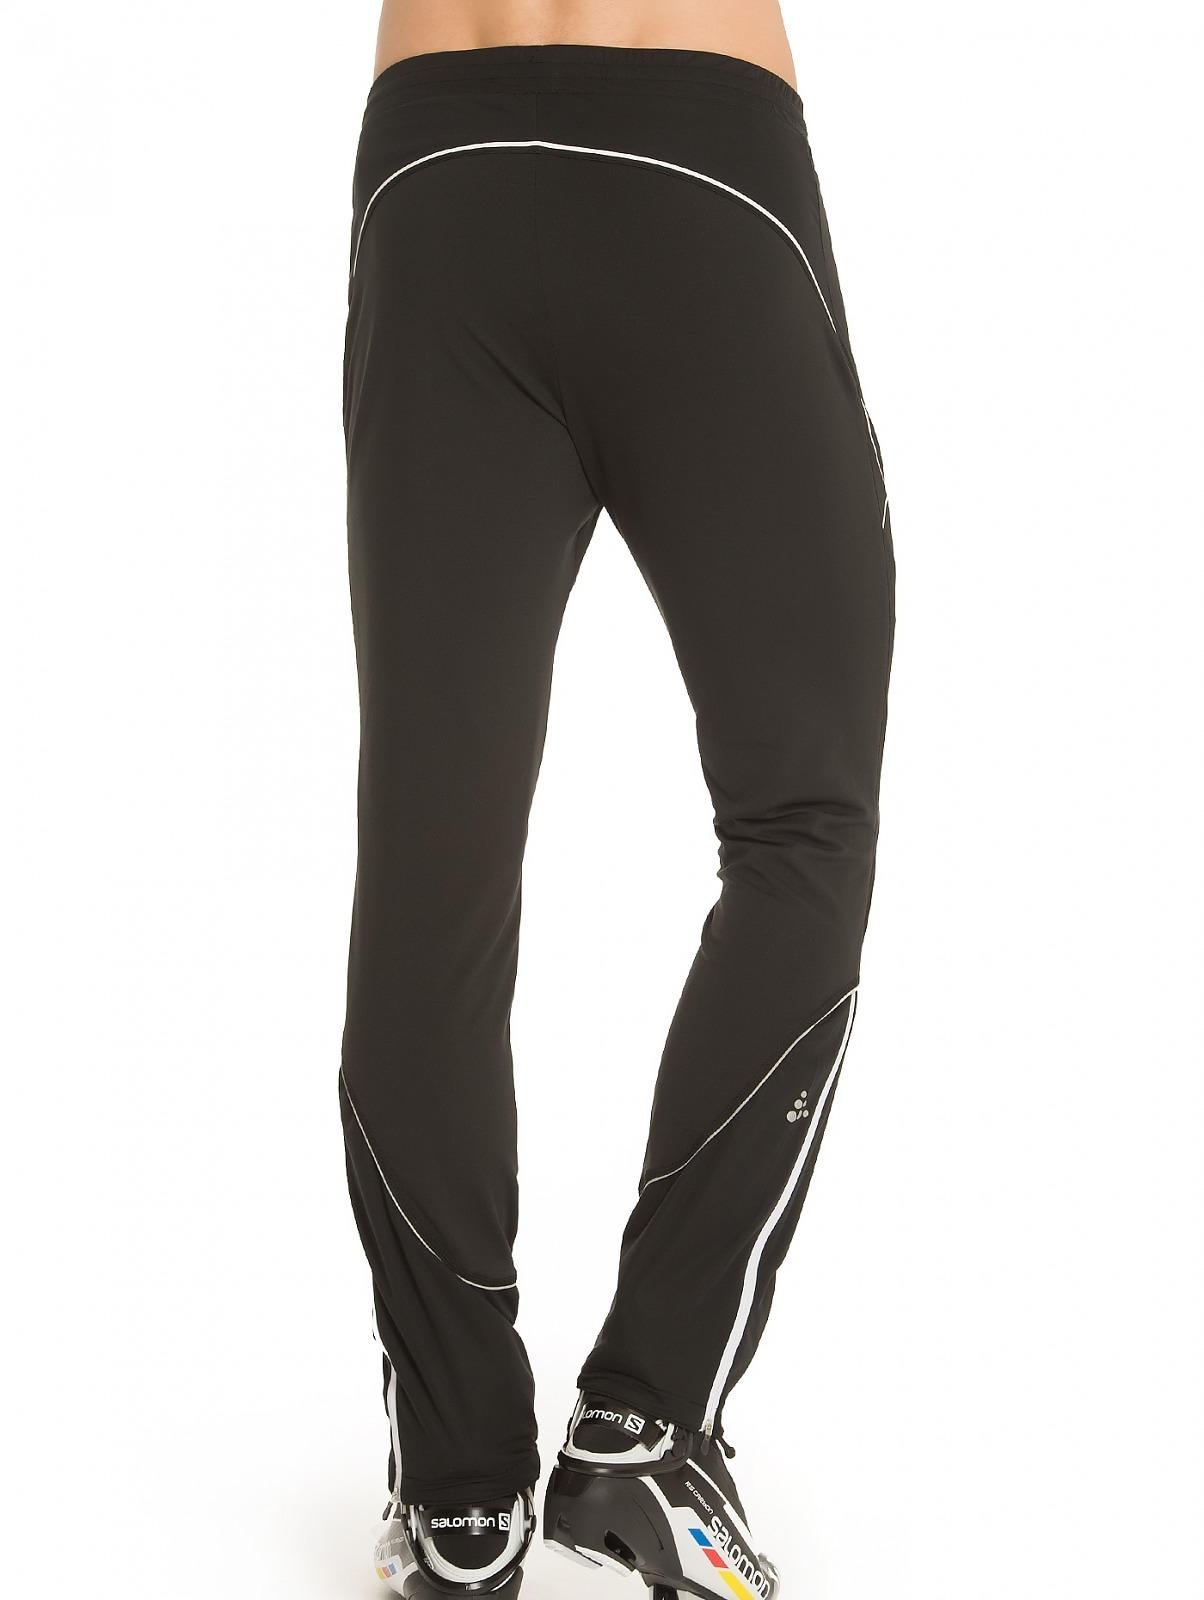 Мужской профессиональный лыжный костюм Craft High Function (1902269-2548-1902270-9851))